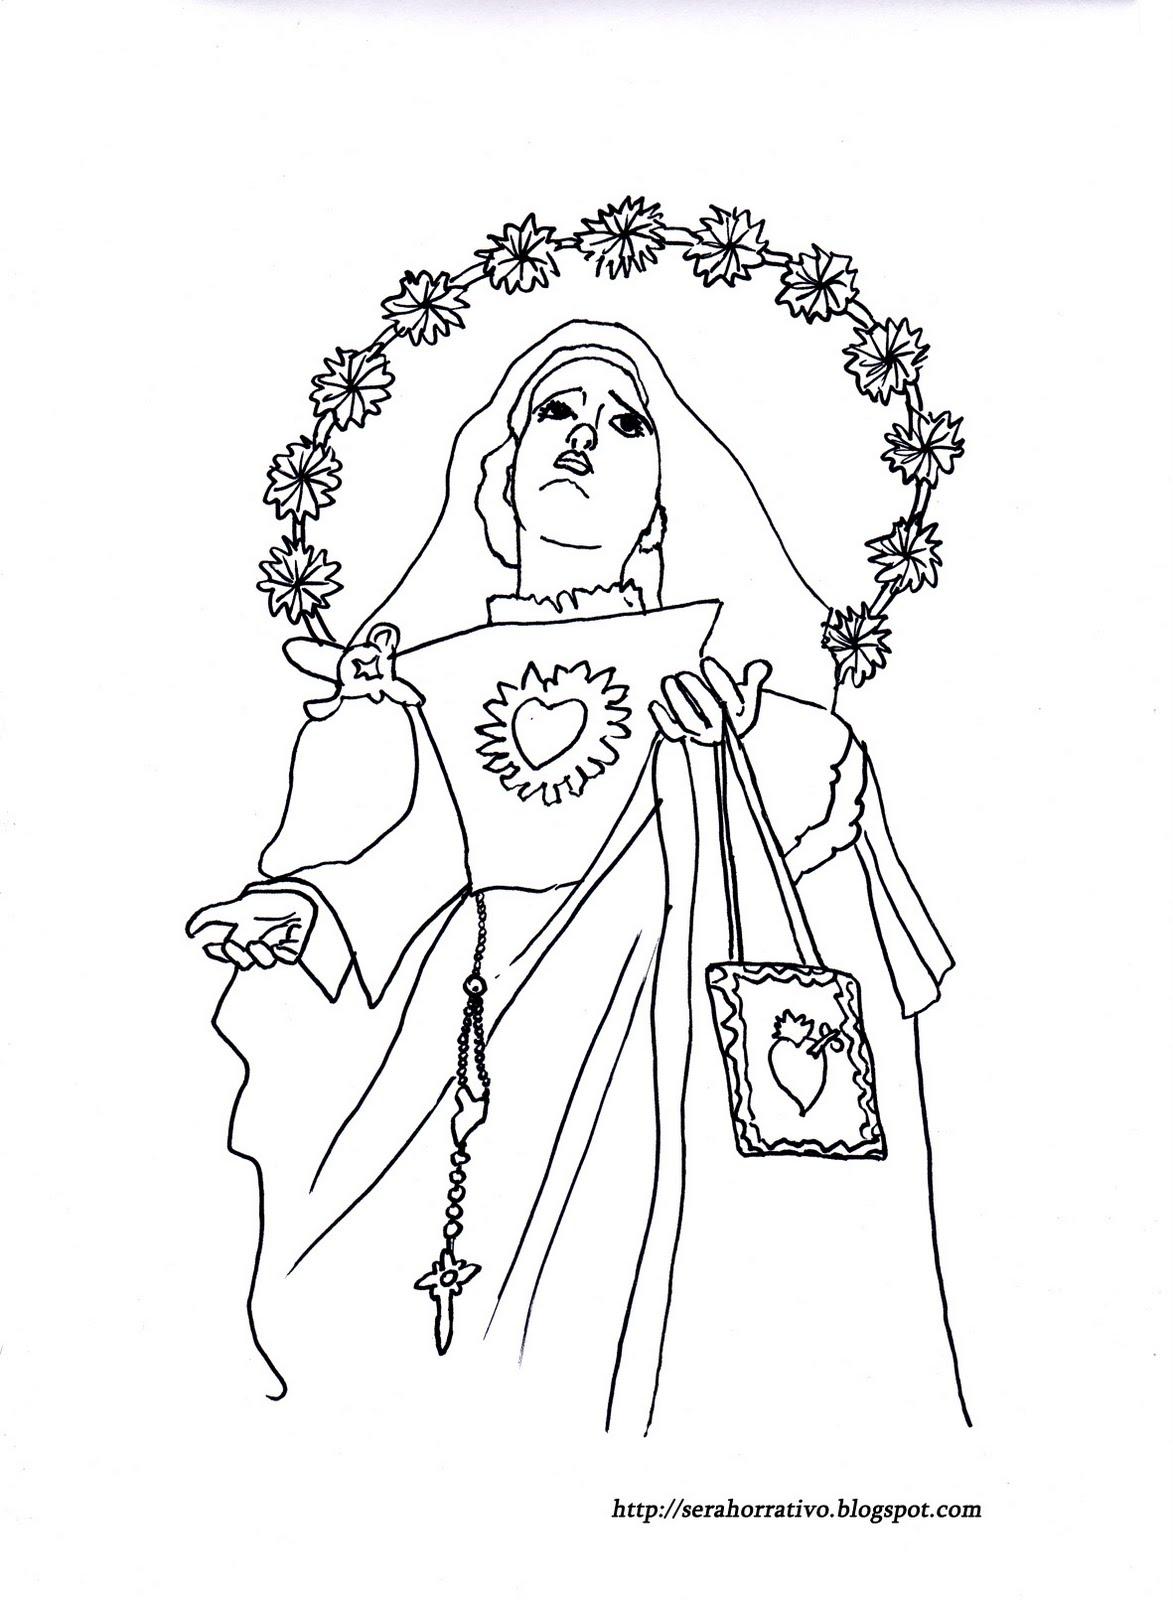 Ser ahorrativo: Dibujos para colorear de la Semana Santa de Málaga